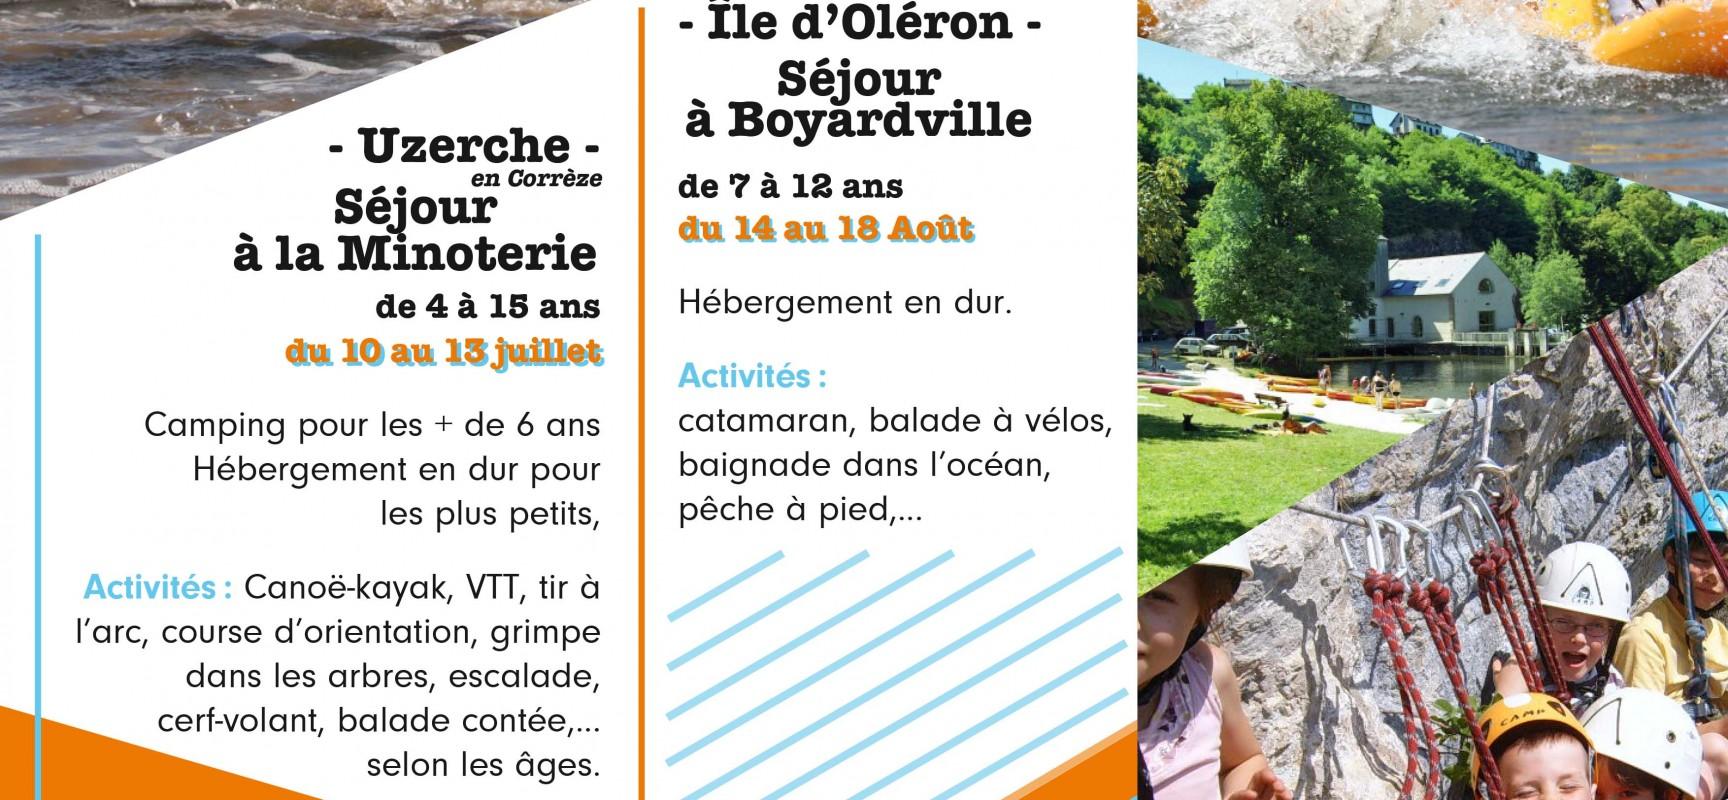 Centres de Loisirs : deux séjours pour les vacances d'été